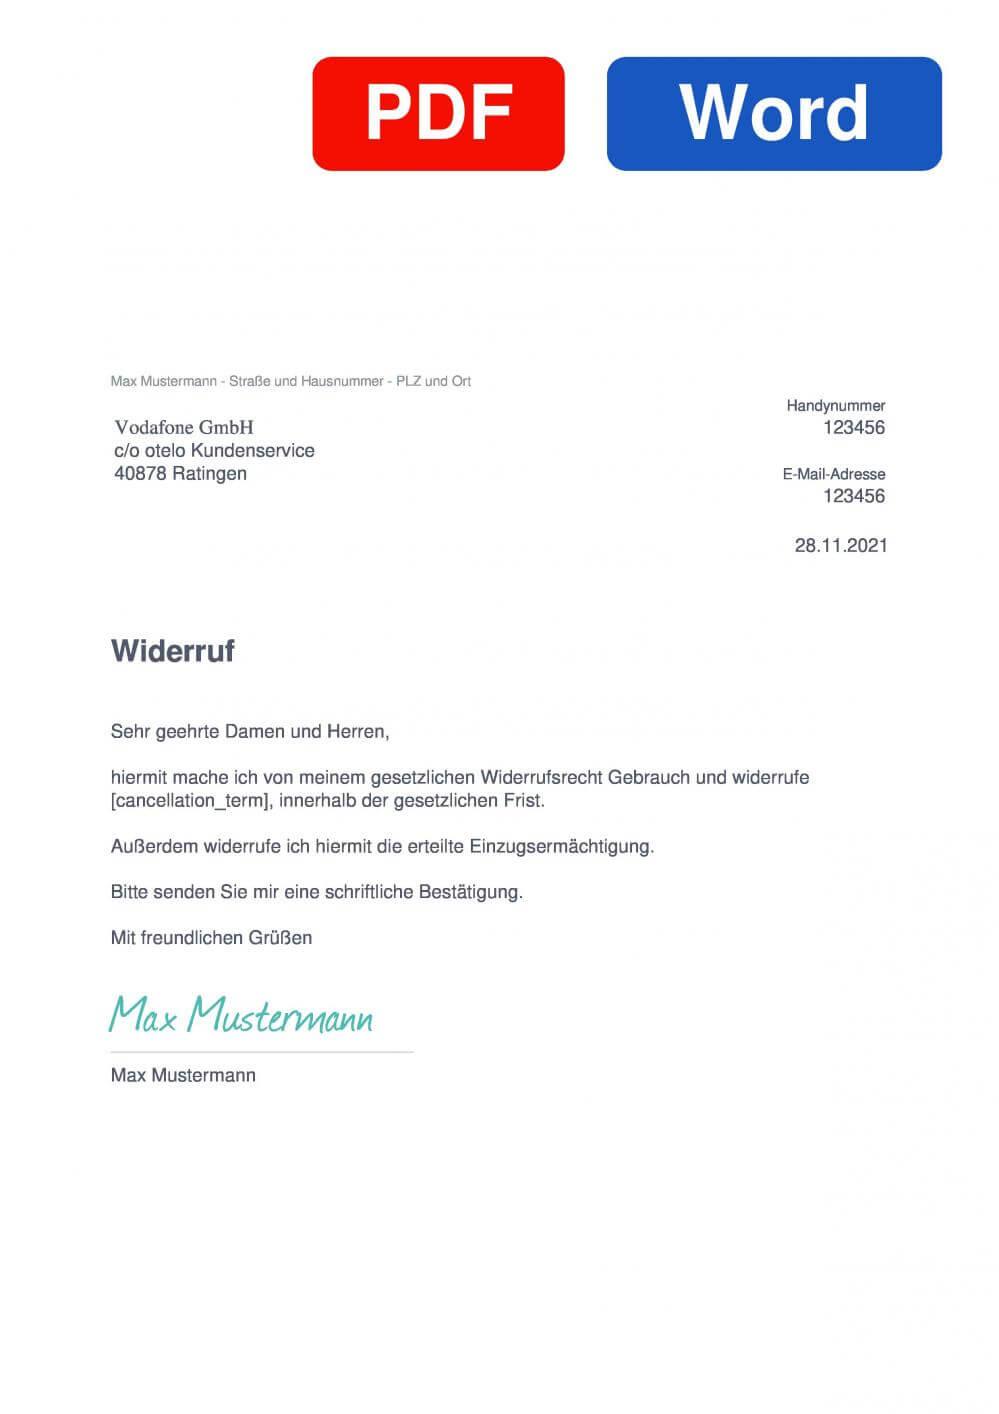 Otelo Muster Vorlage für Wiederrufsschreiben